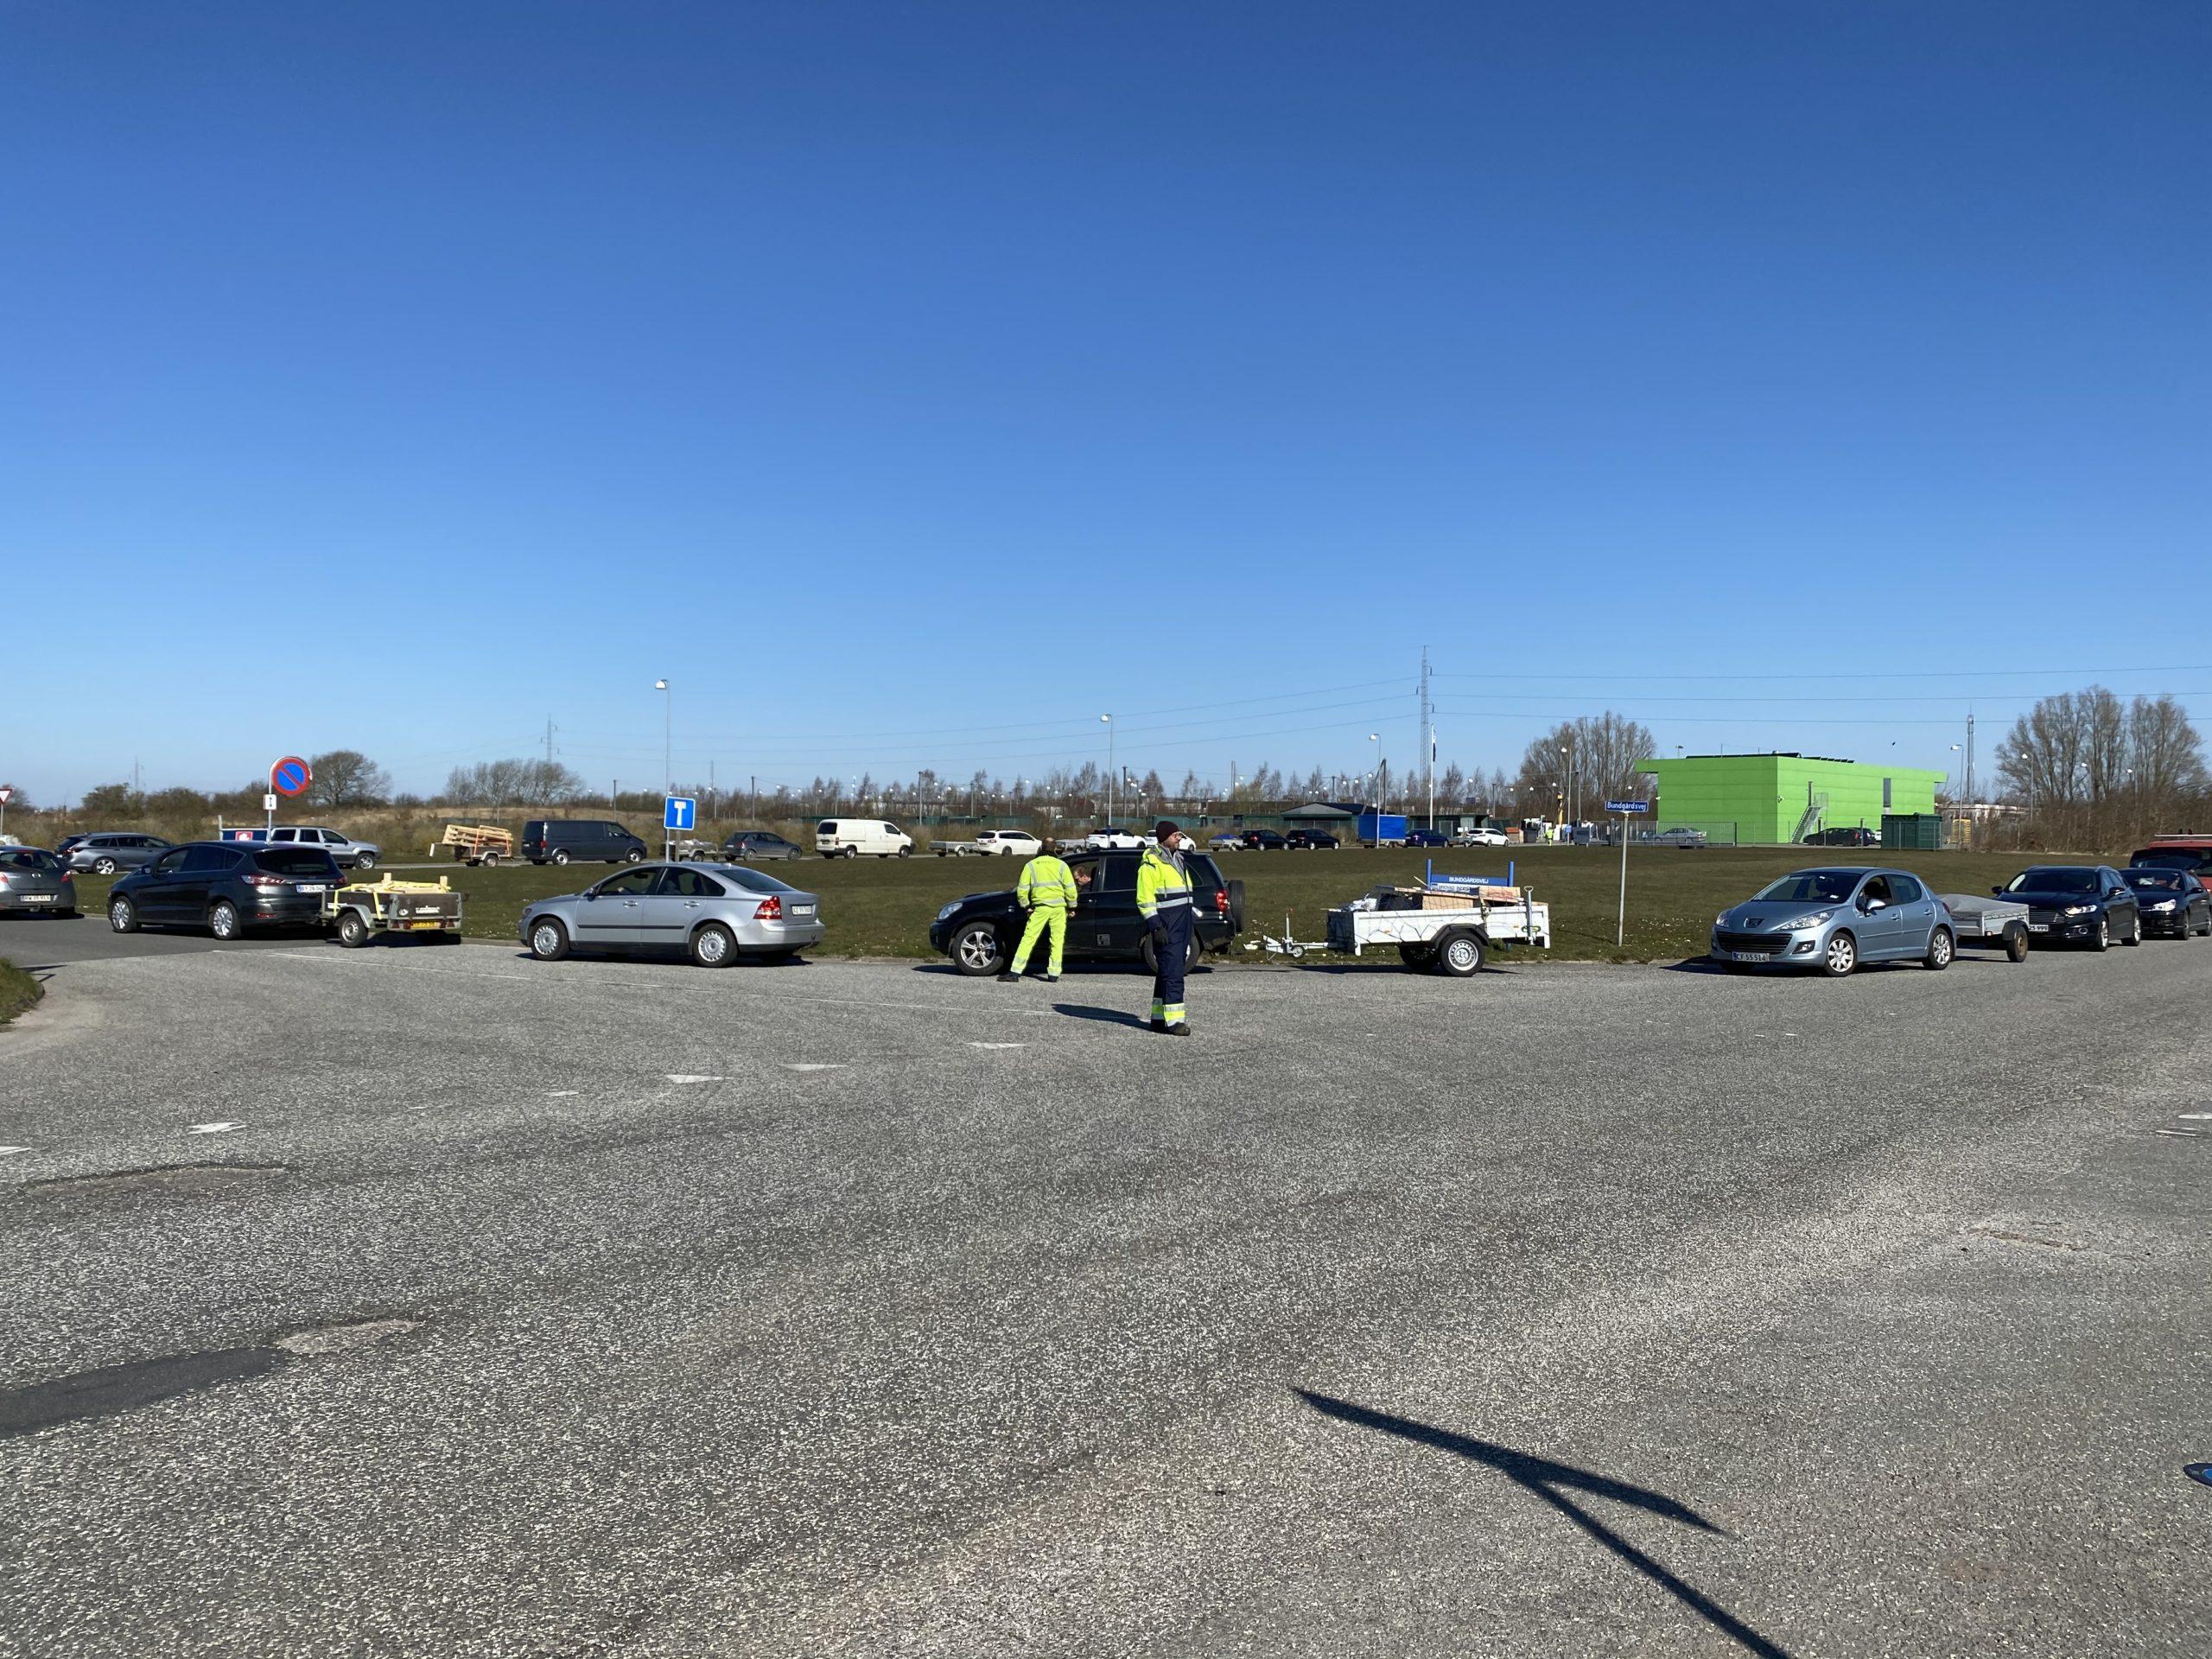 Ændrede åbningstider på genbrugspladser – og flere biler lukkes ind